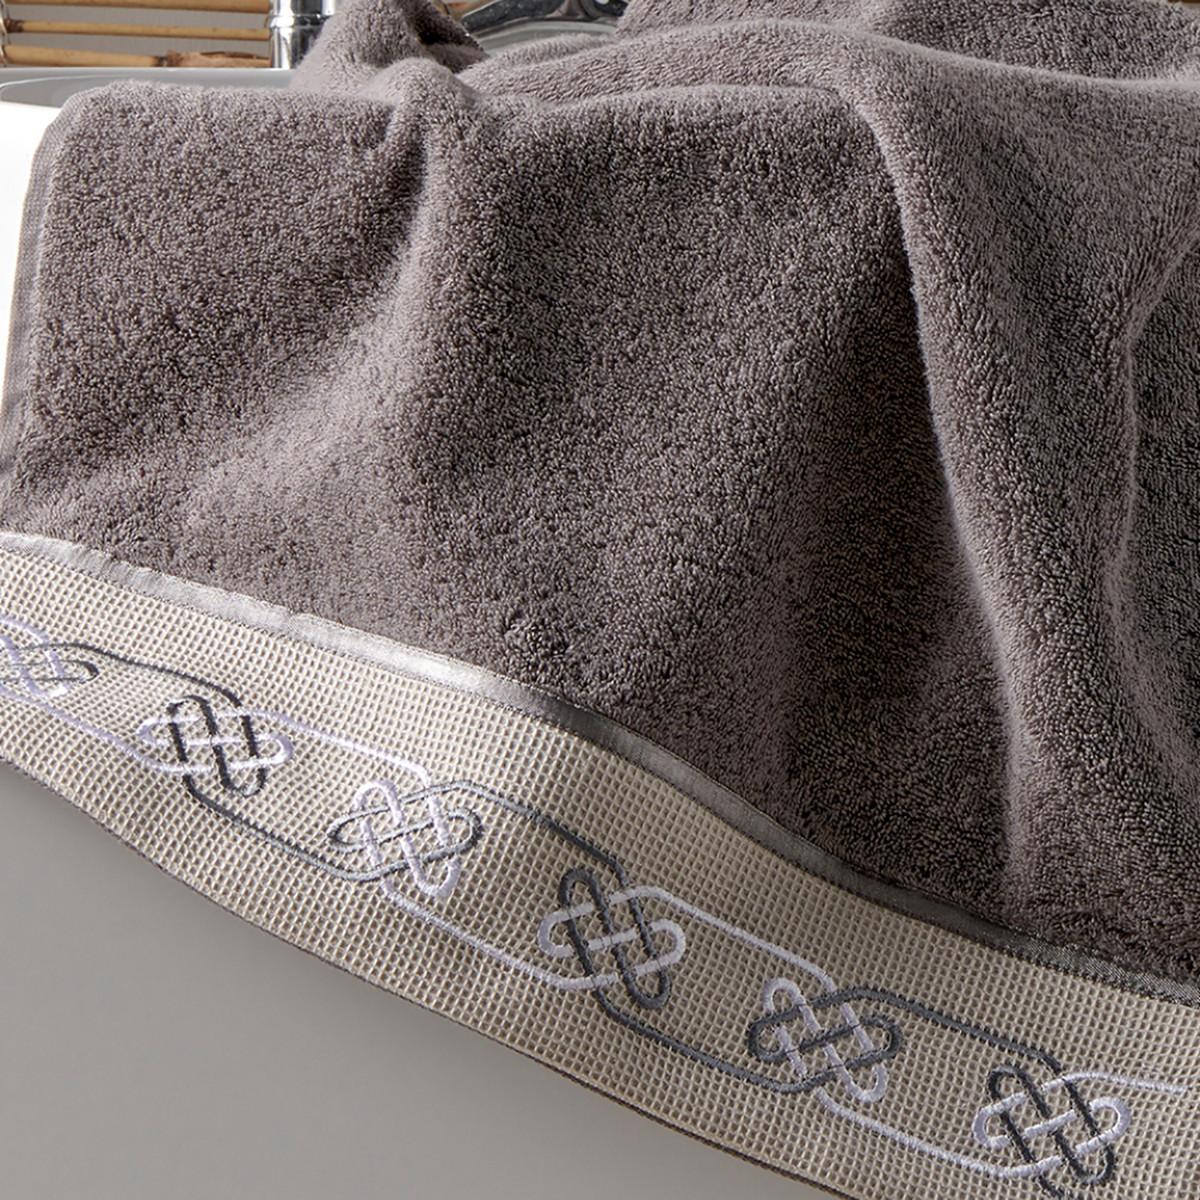 Πετσέτες Μπάνιου (Σετ 3τμχ) Kentia Bath Geo 24